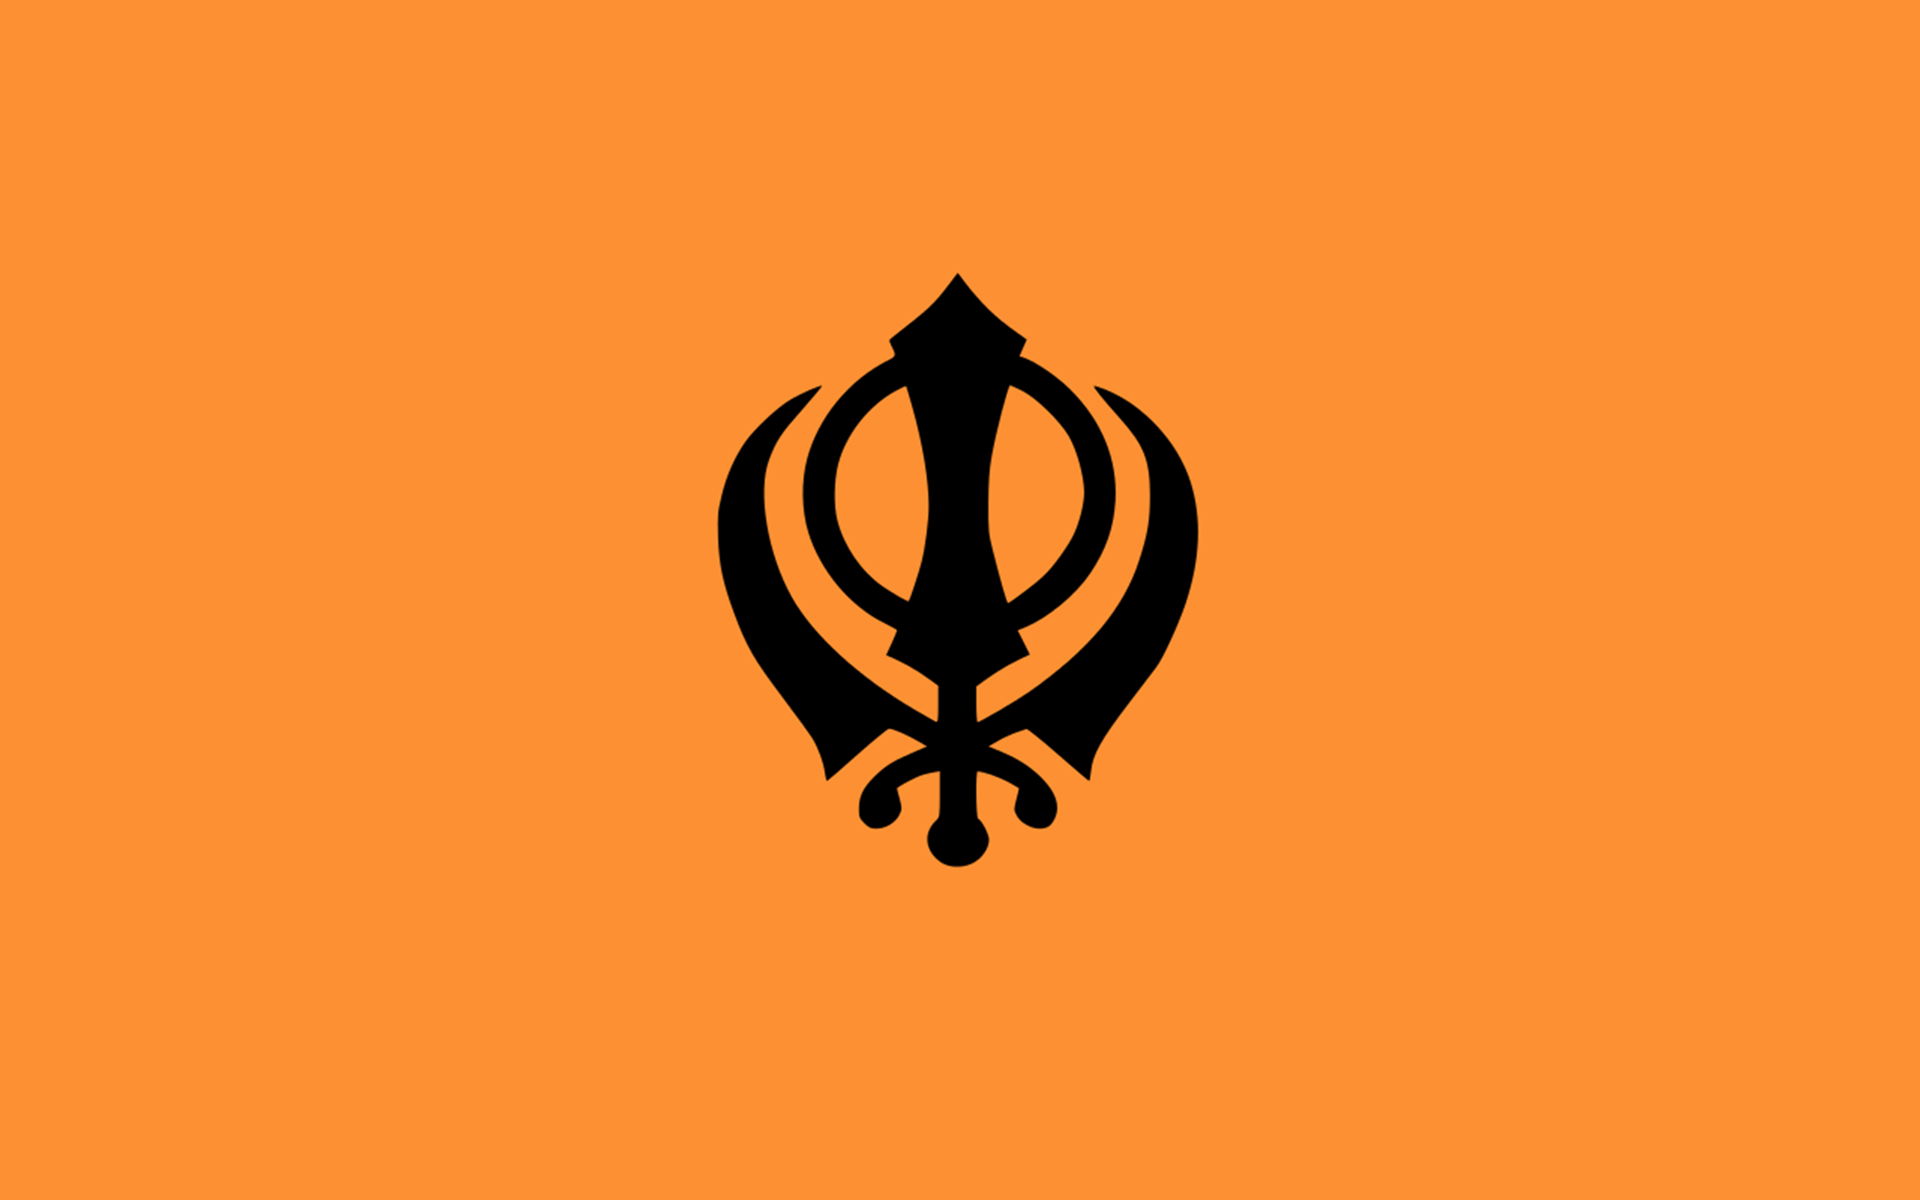 Khanda HD PNG - 119484